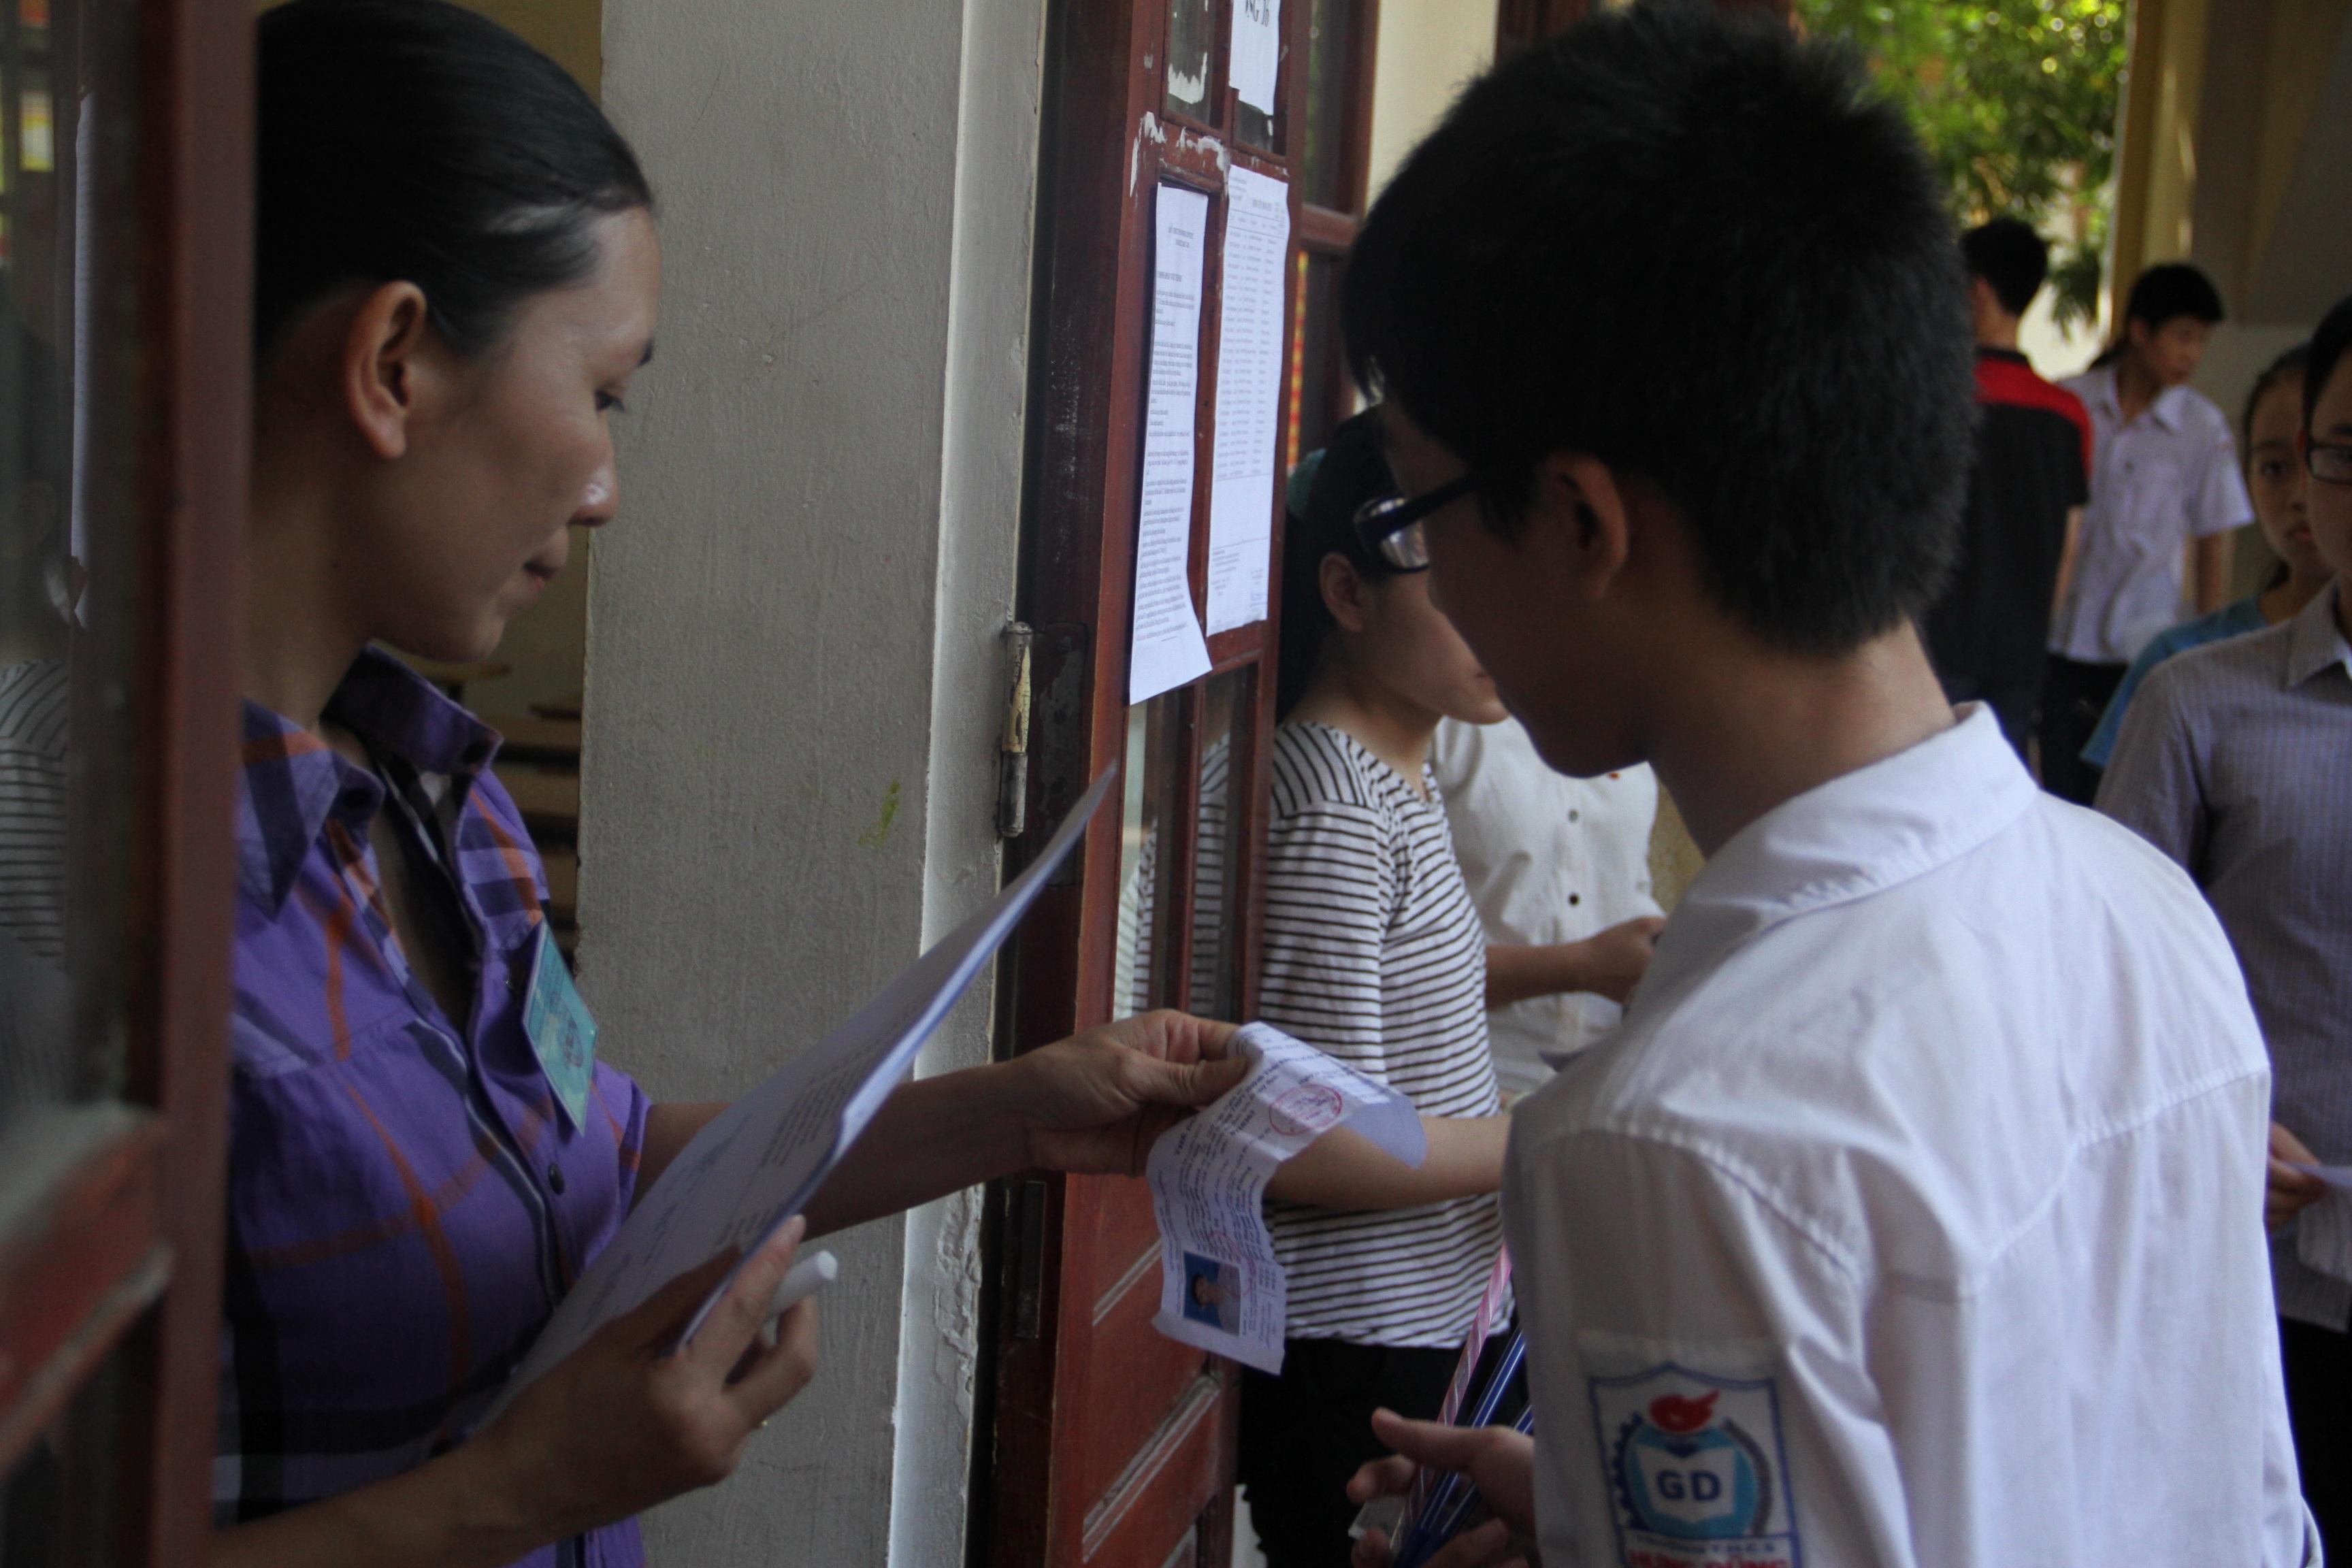 Cán bộ coi thi điểm danh các thí sinh trước khi bước vào phòng thi.